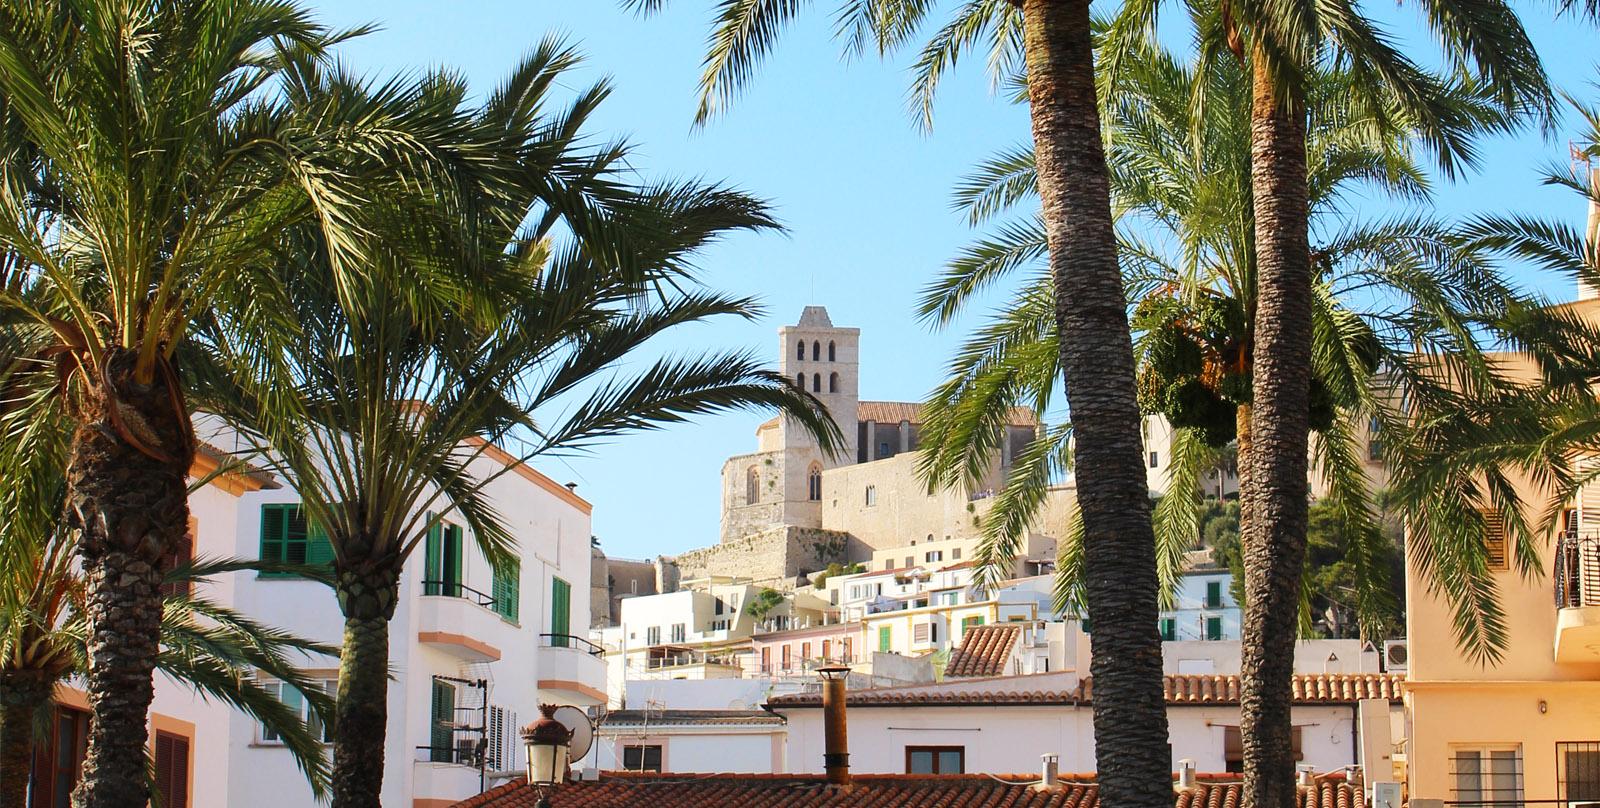 Der Blick auf die Burg der Dalt Vila auf Ibiza